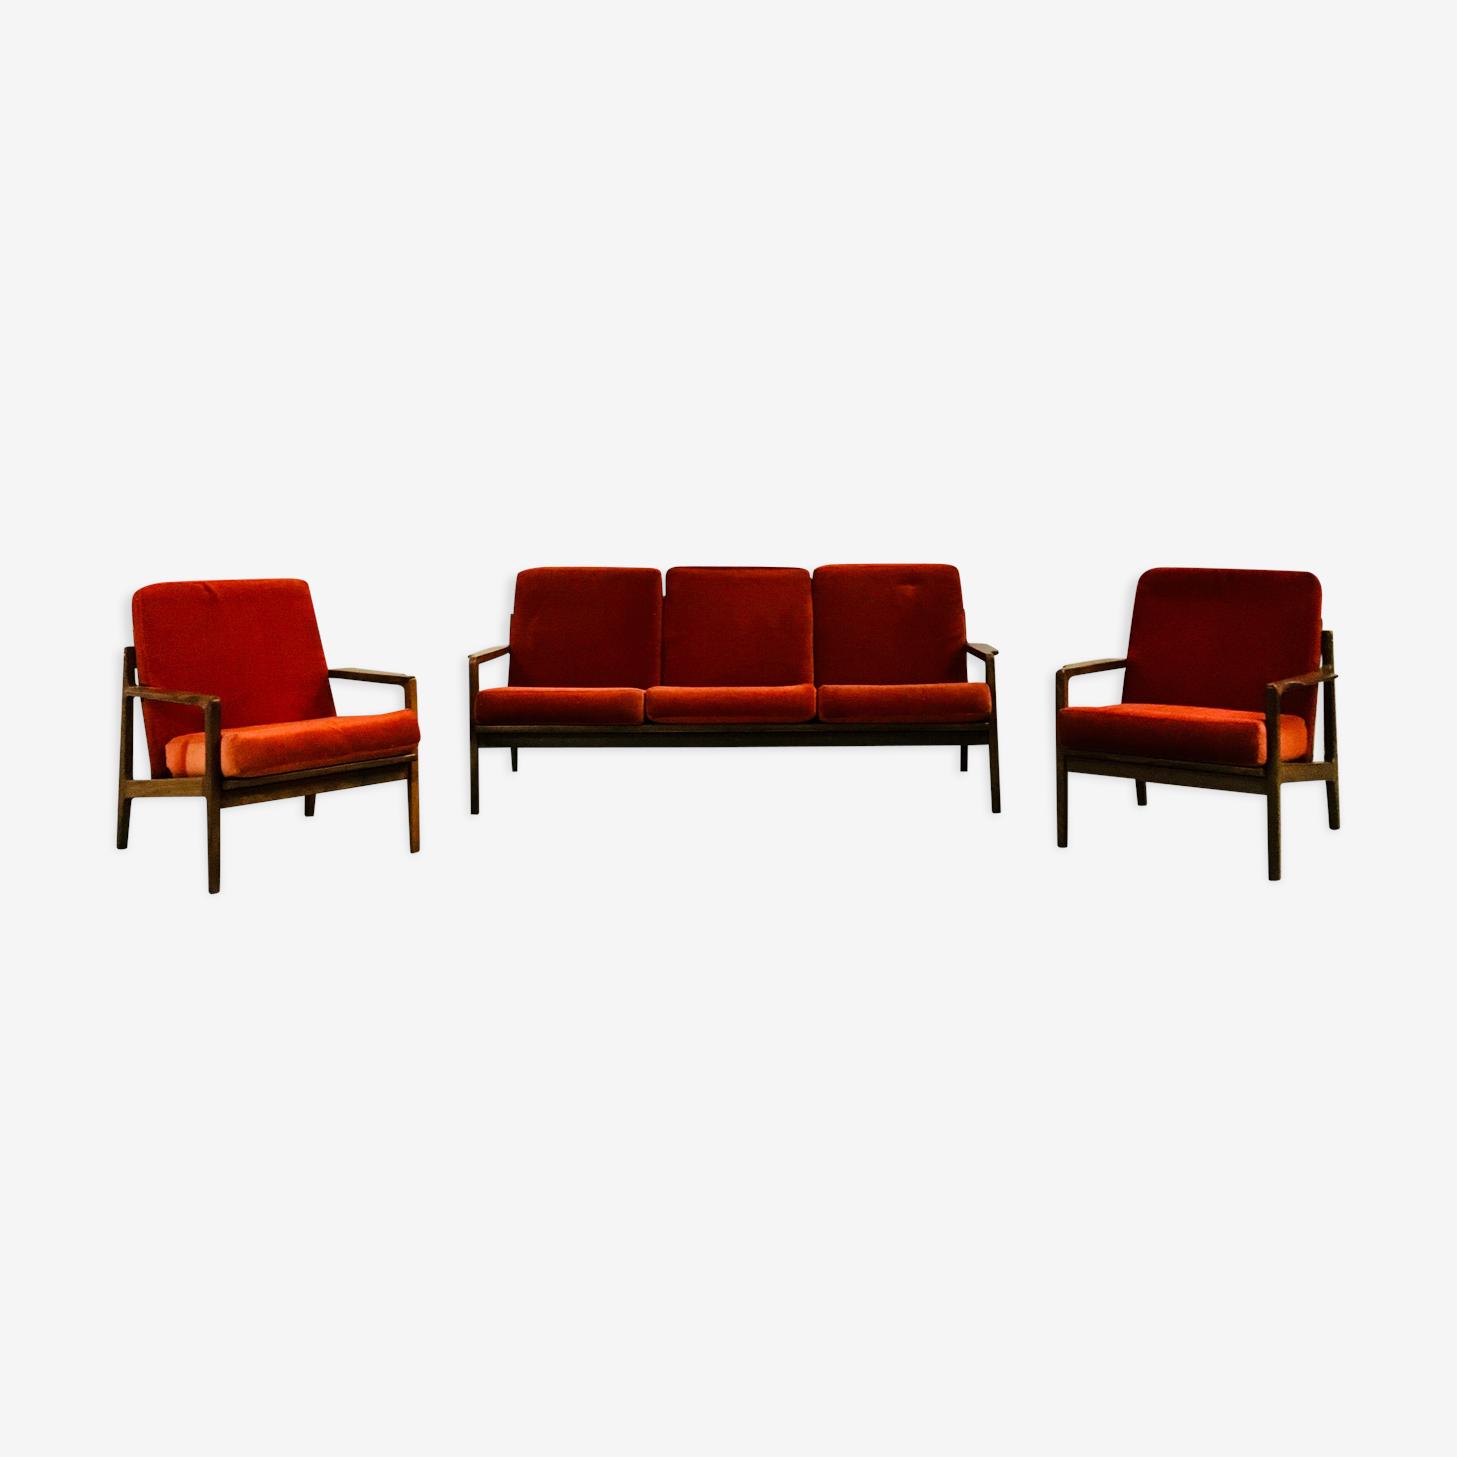 Salon scandinave en teck - Banquette et deux fauteuils